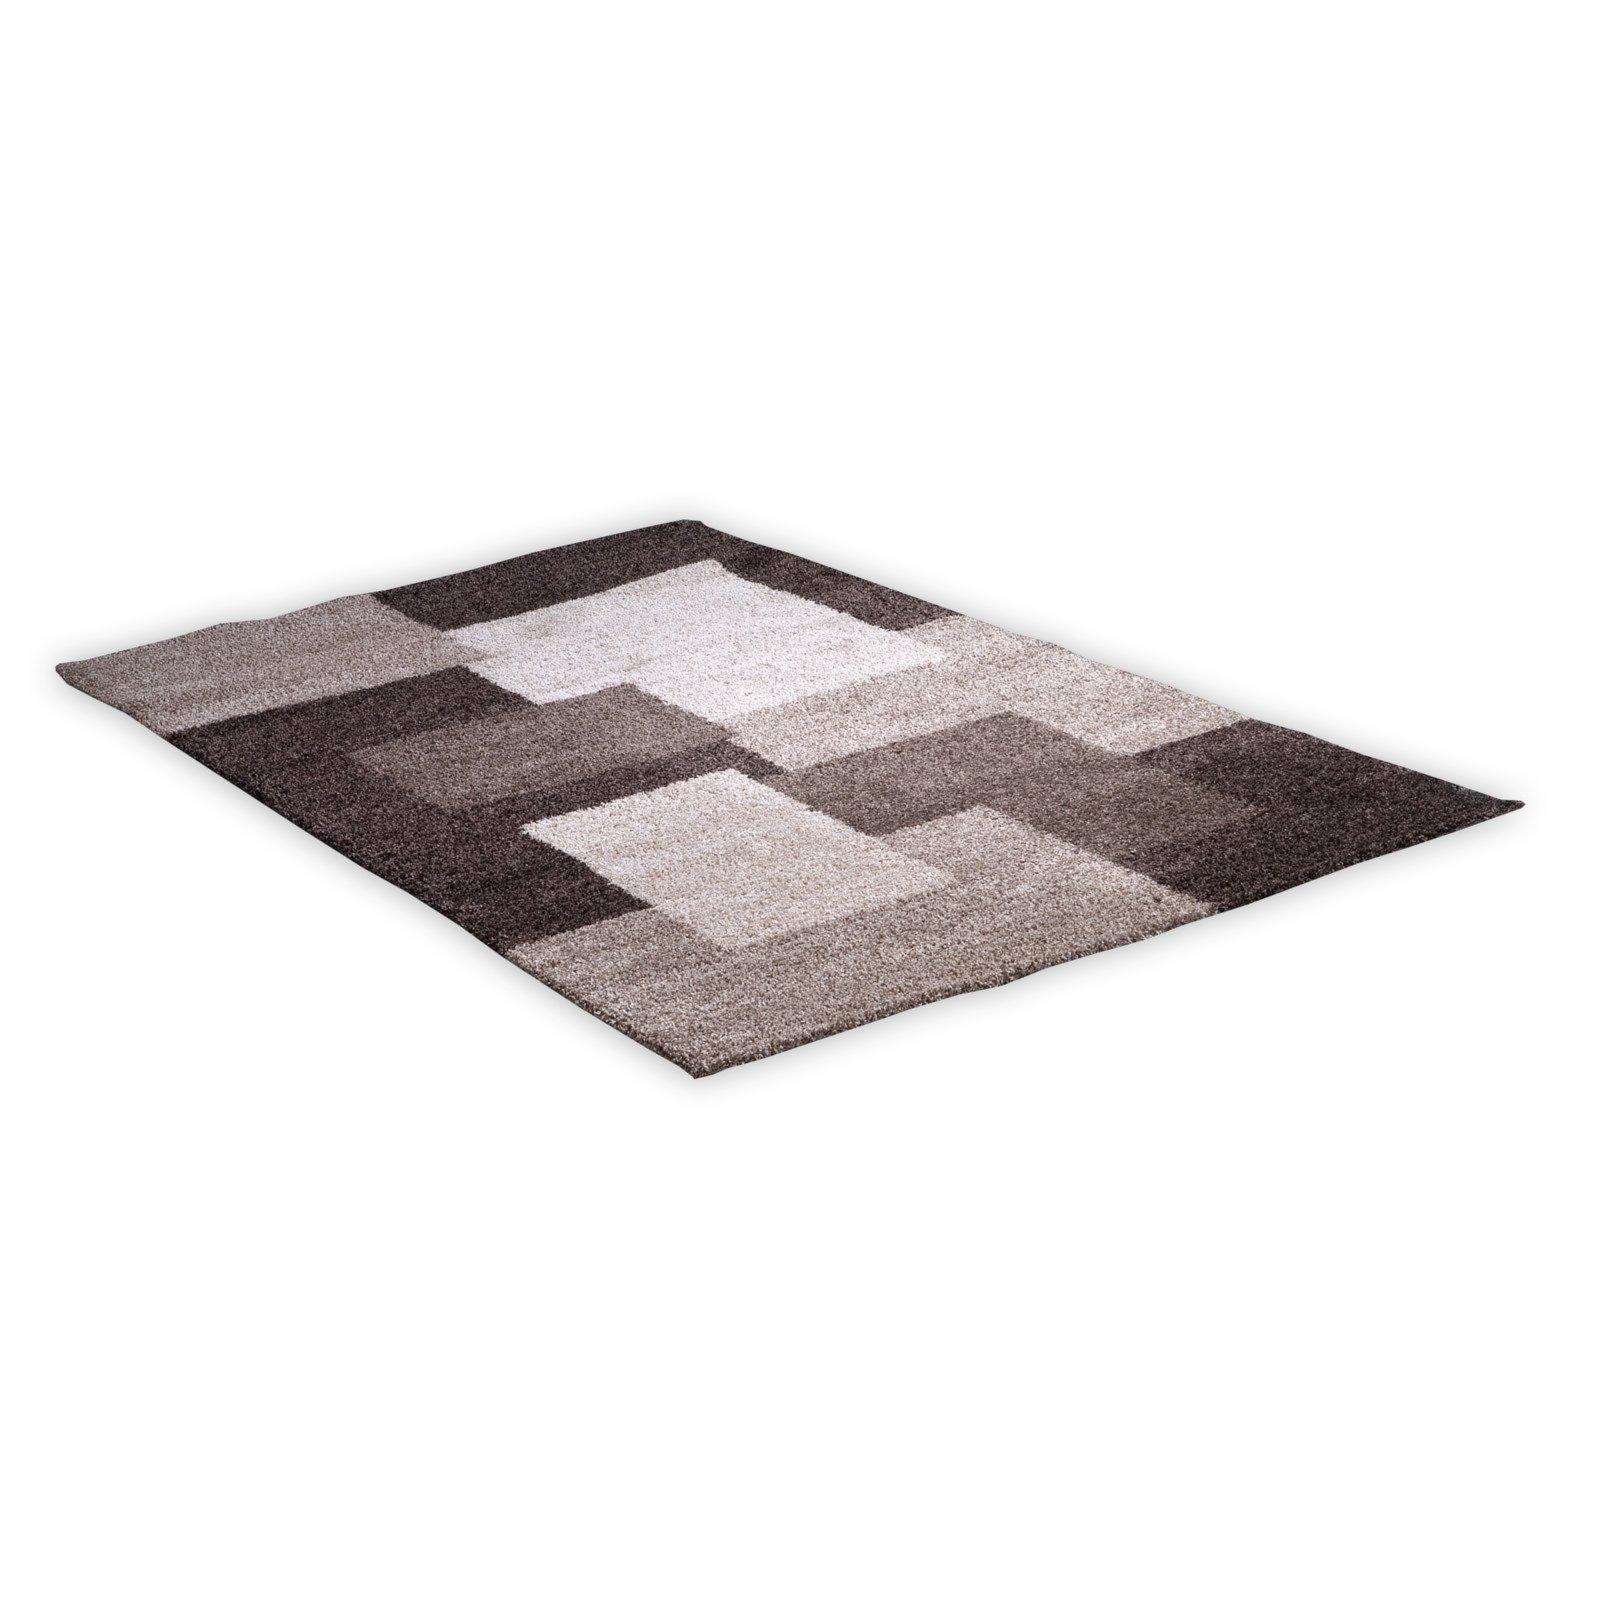 Teppich NOVA  beigebraun  80×150 cm  Gemusterte